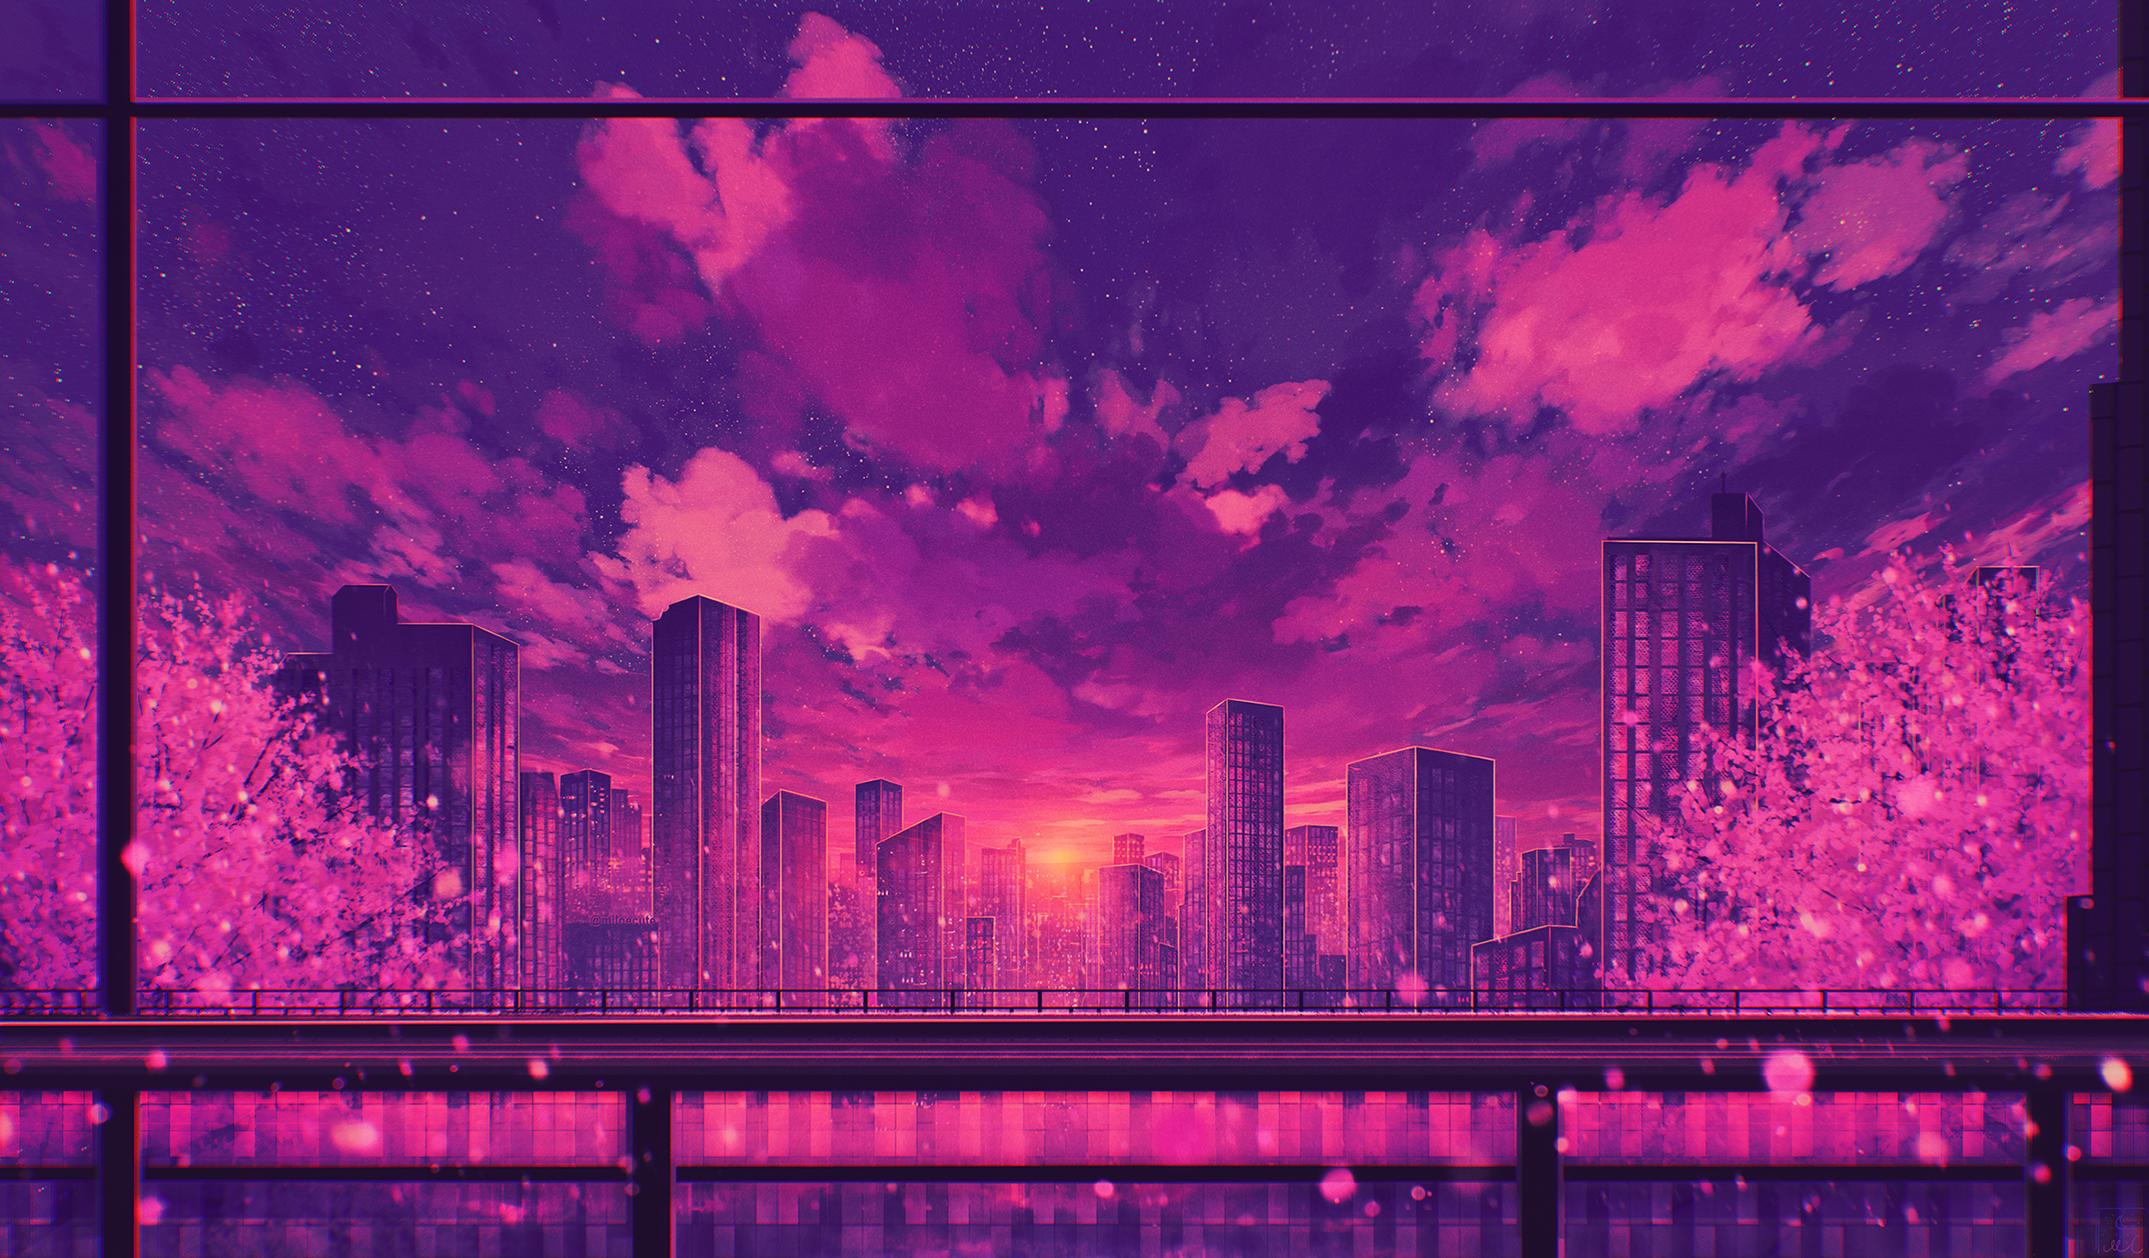 Blooming hope - Version 2